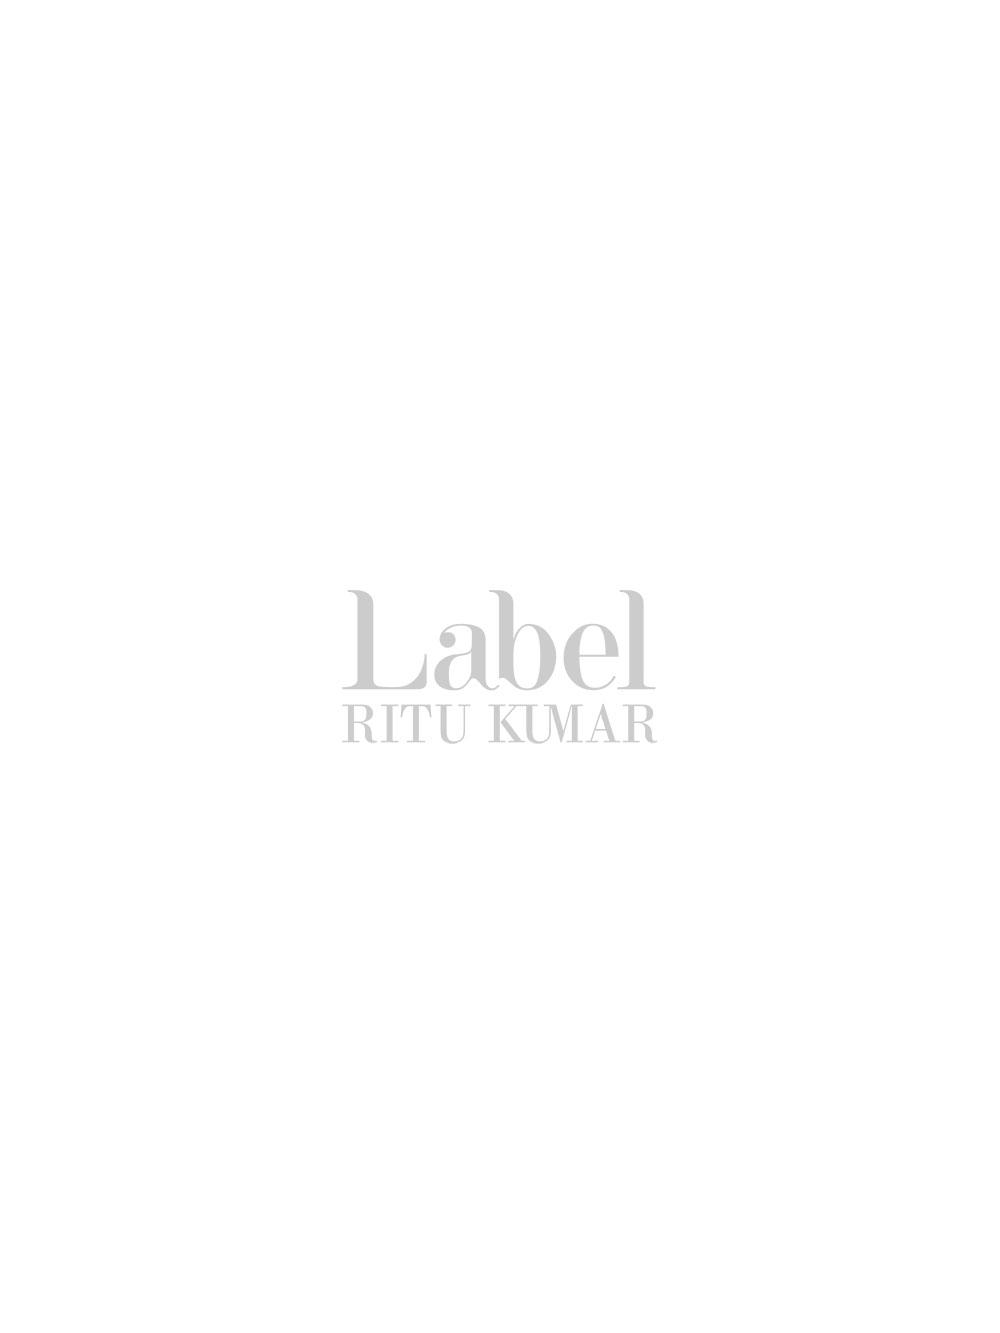 Khaki Short Dress In A Signature Ritu Kumar Criss Cross Pattern